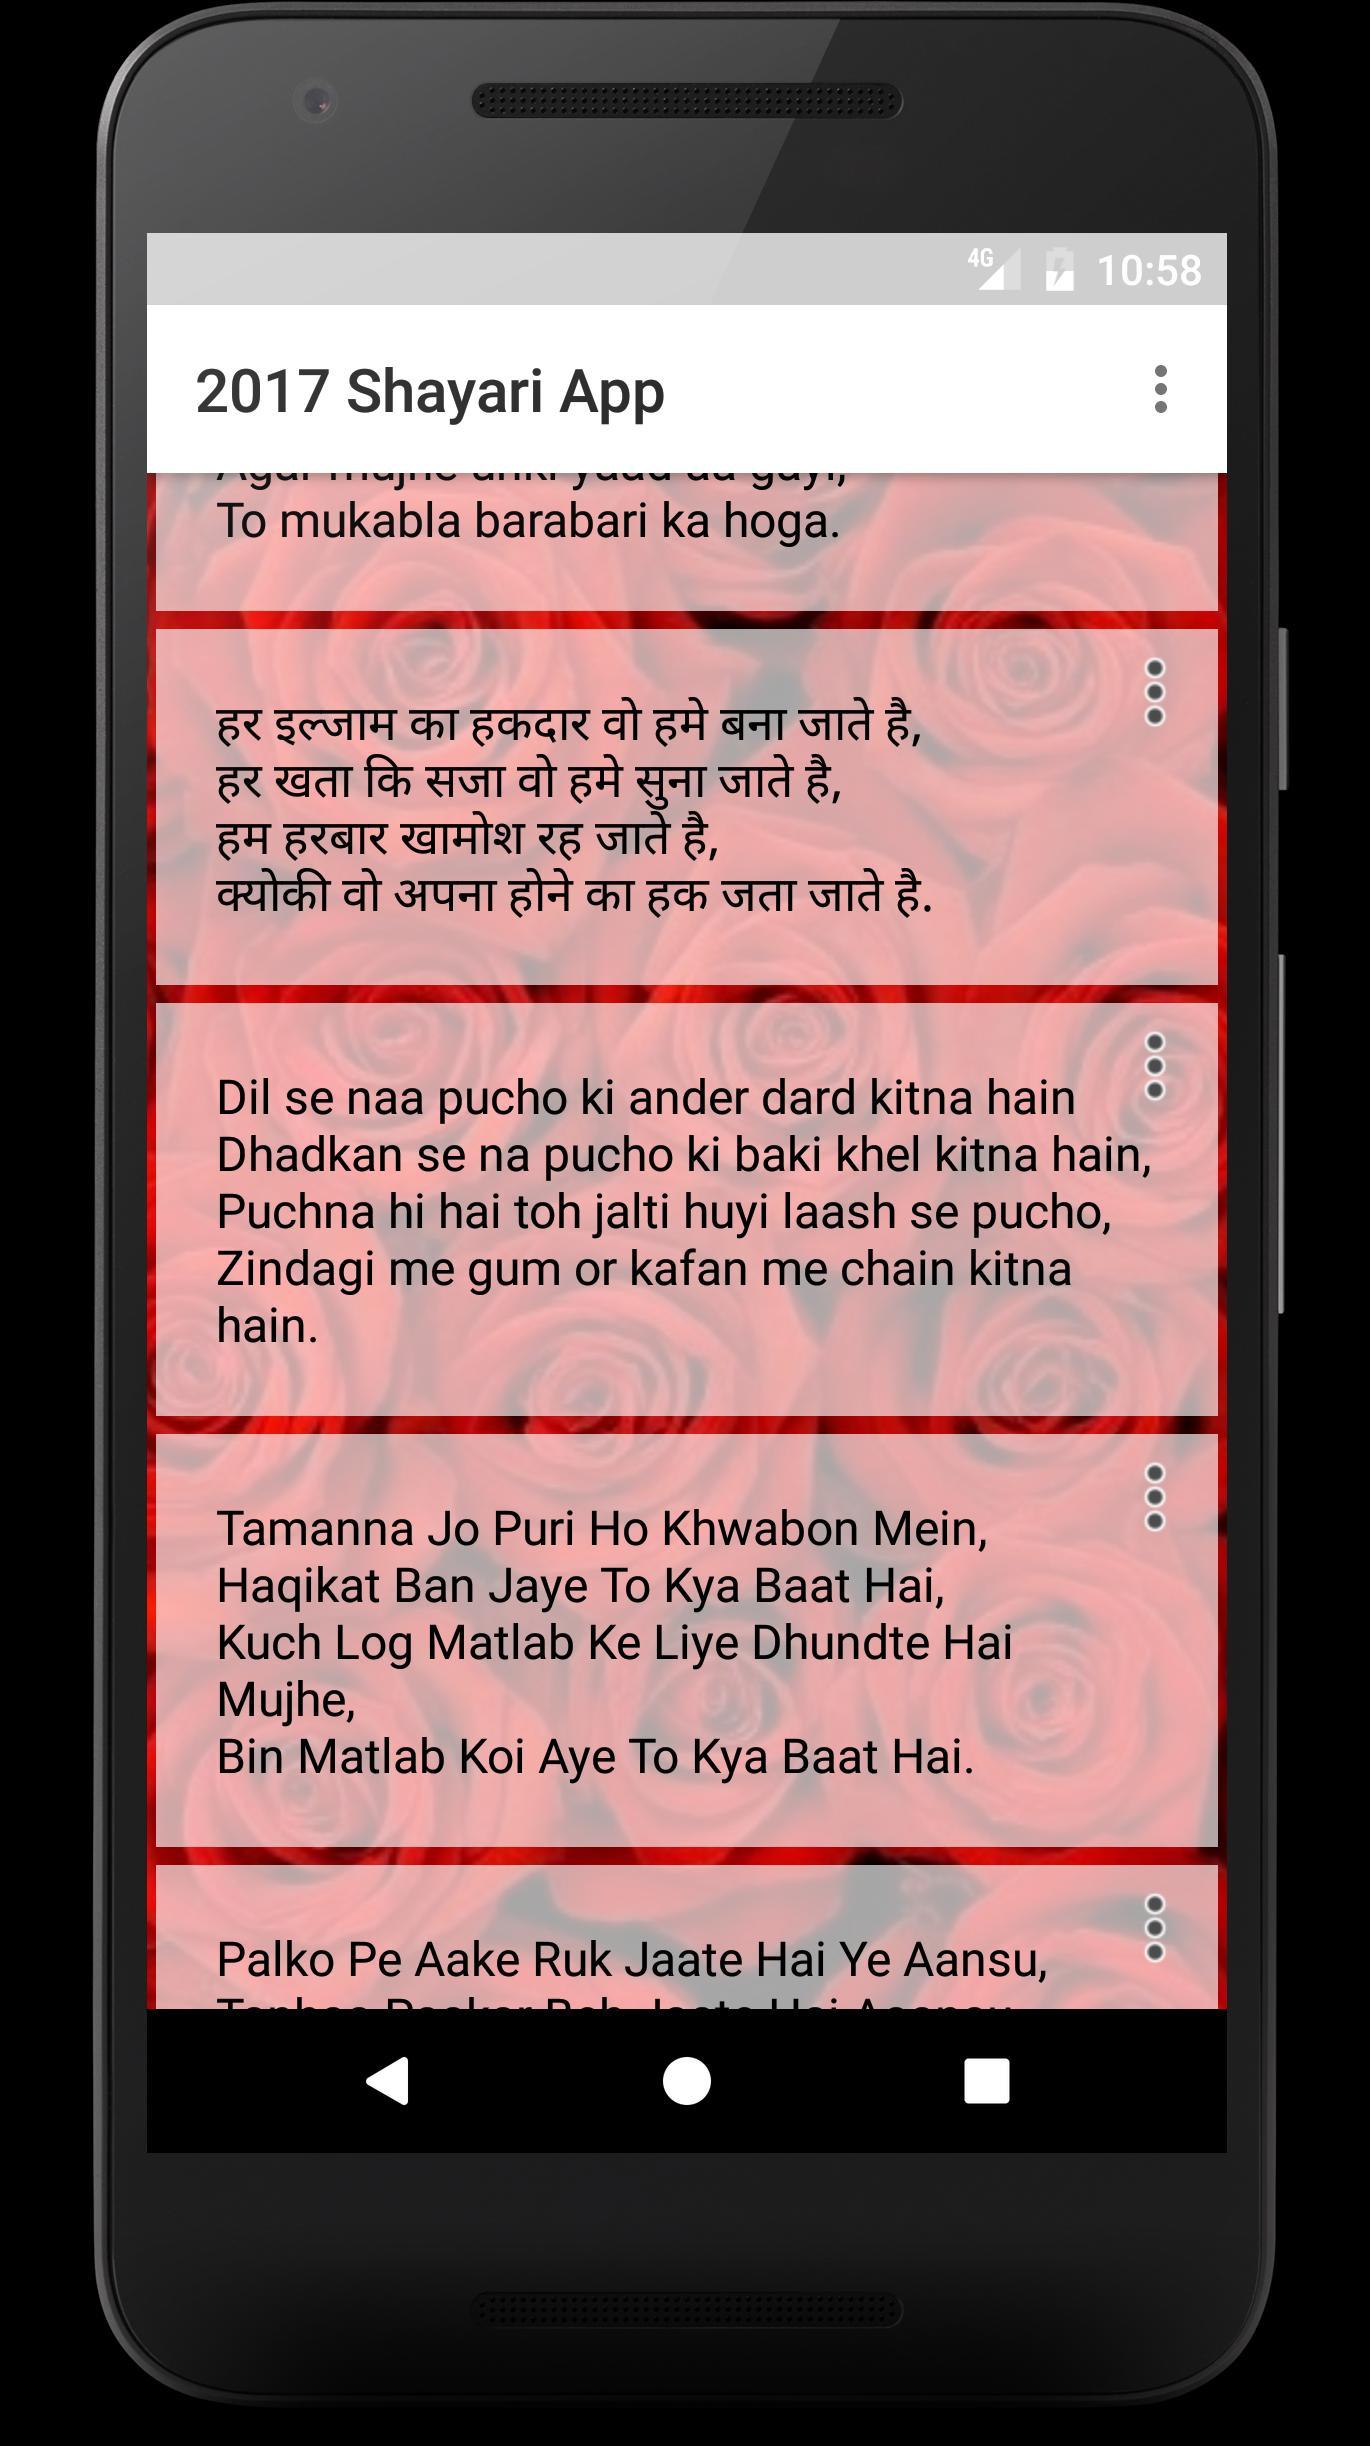 2017 Hindi Shayari App for Android - APK Download